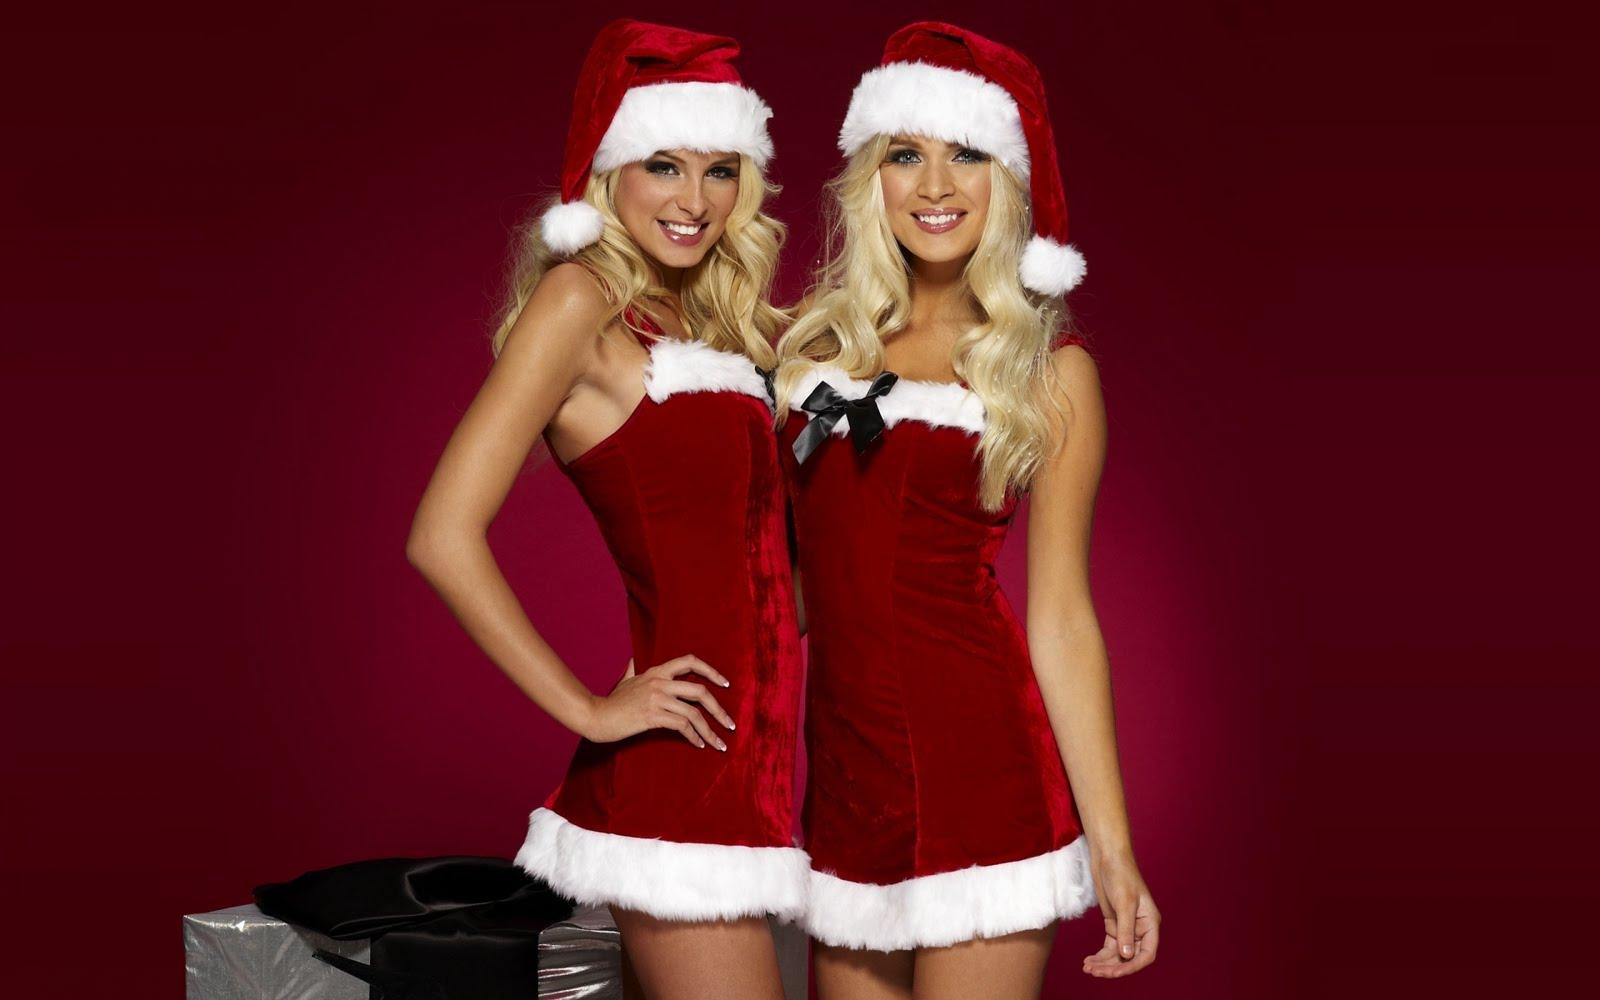 Chicas vestidas de Santa Claus muy navideñas